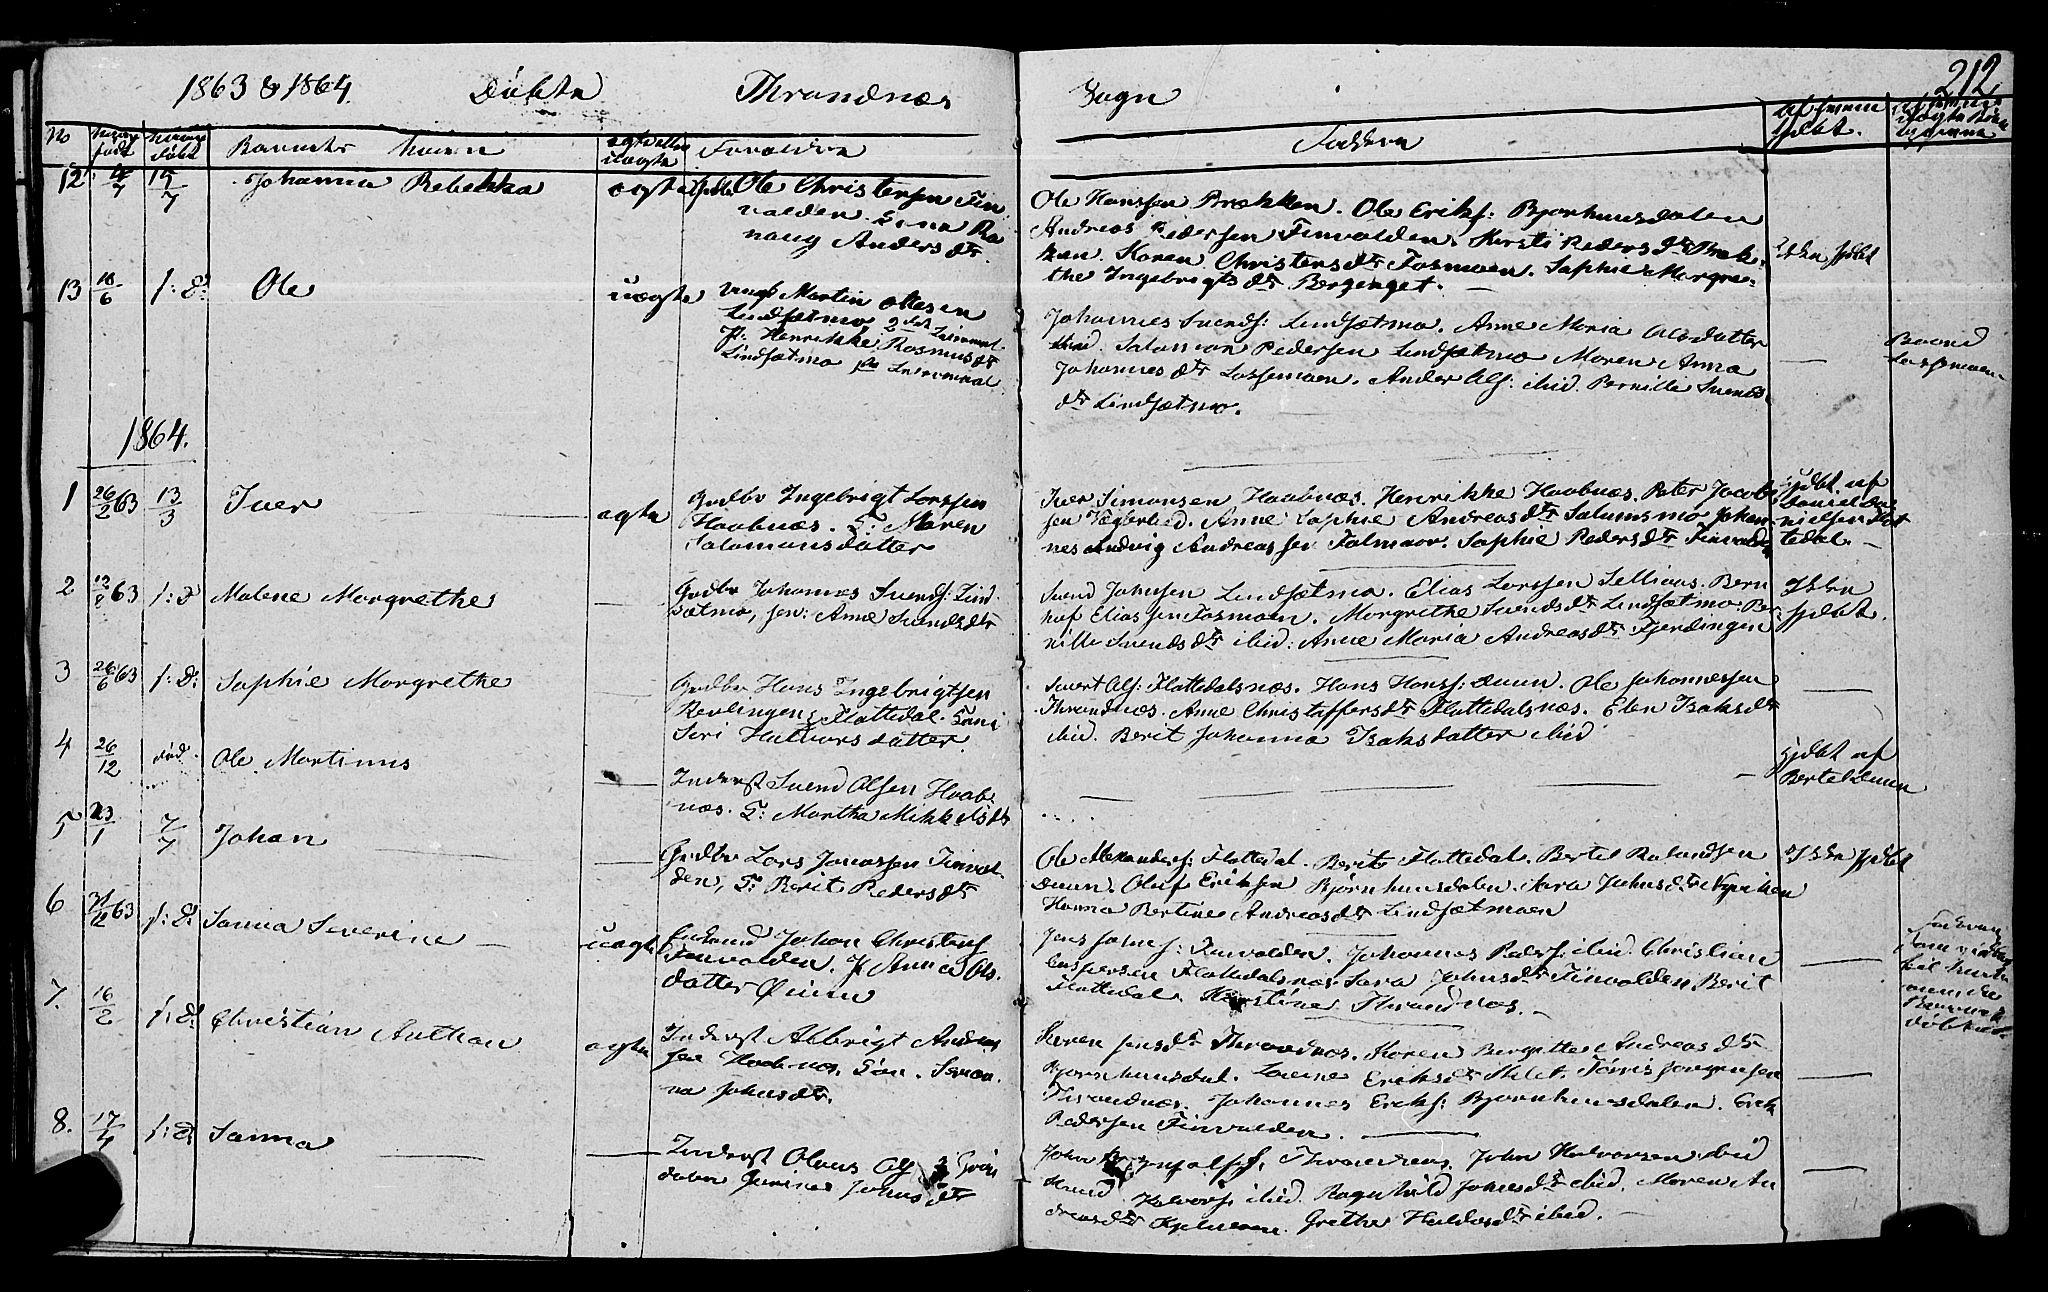 SAT, Ministerialprotokoller, klokkerbøker og fødselsregistre - Nord-Trøndelag, 762/L0538: Ministerialbok nr. 762A02 /2, 1833-1879, s. 212